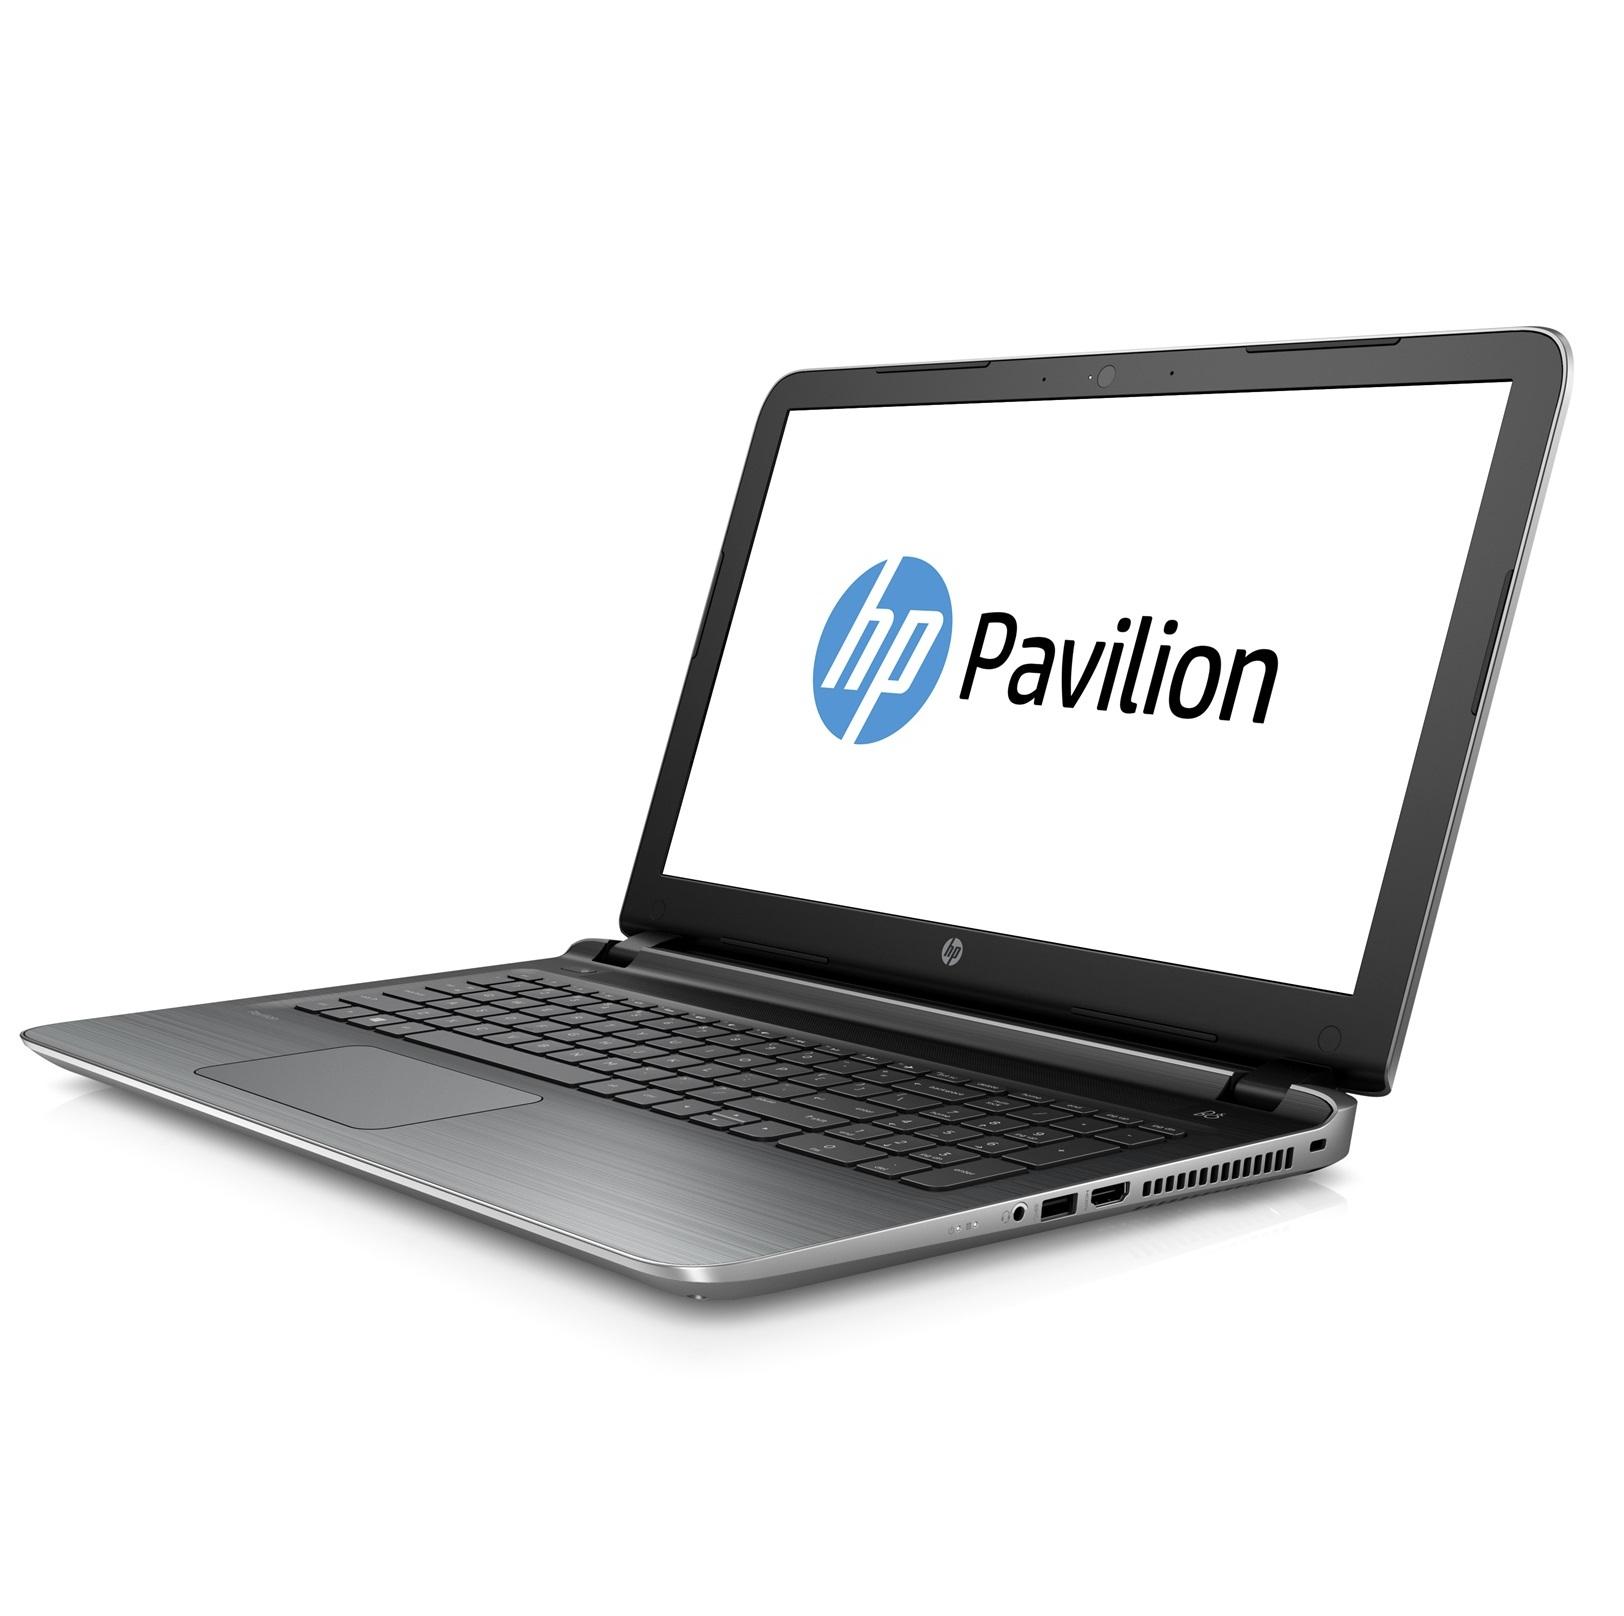 Laptop HP Core i5 Pavilion 15 - au062TX X3C04PA (Silver)